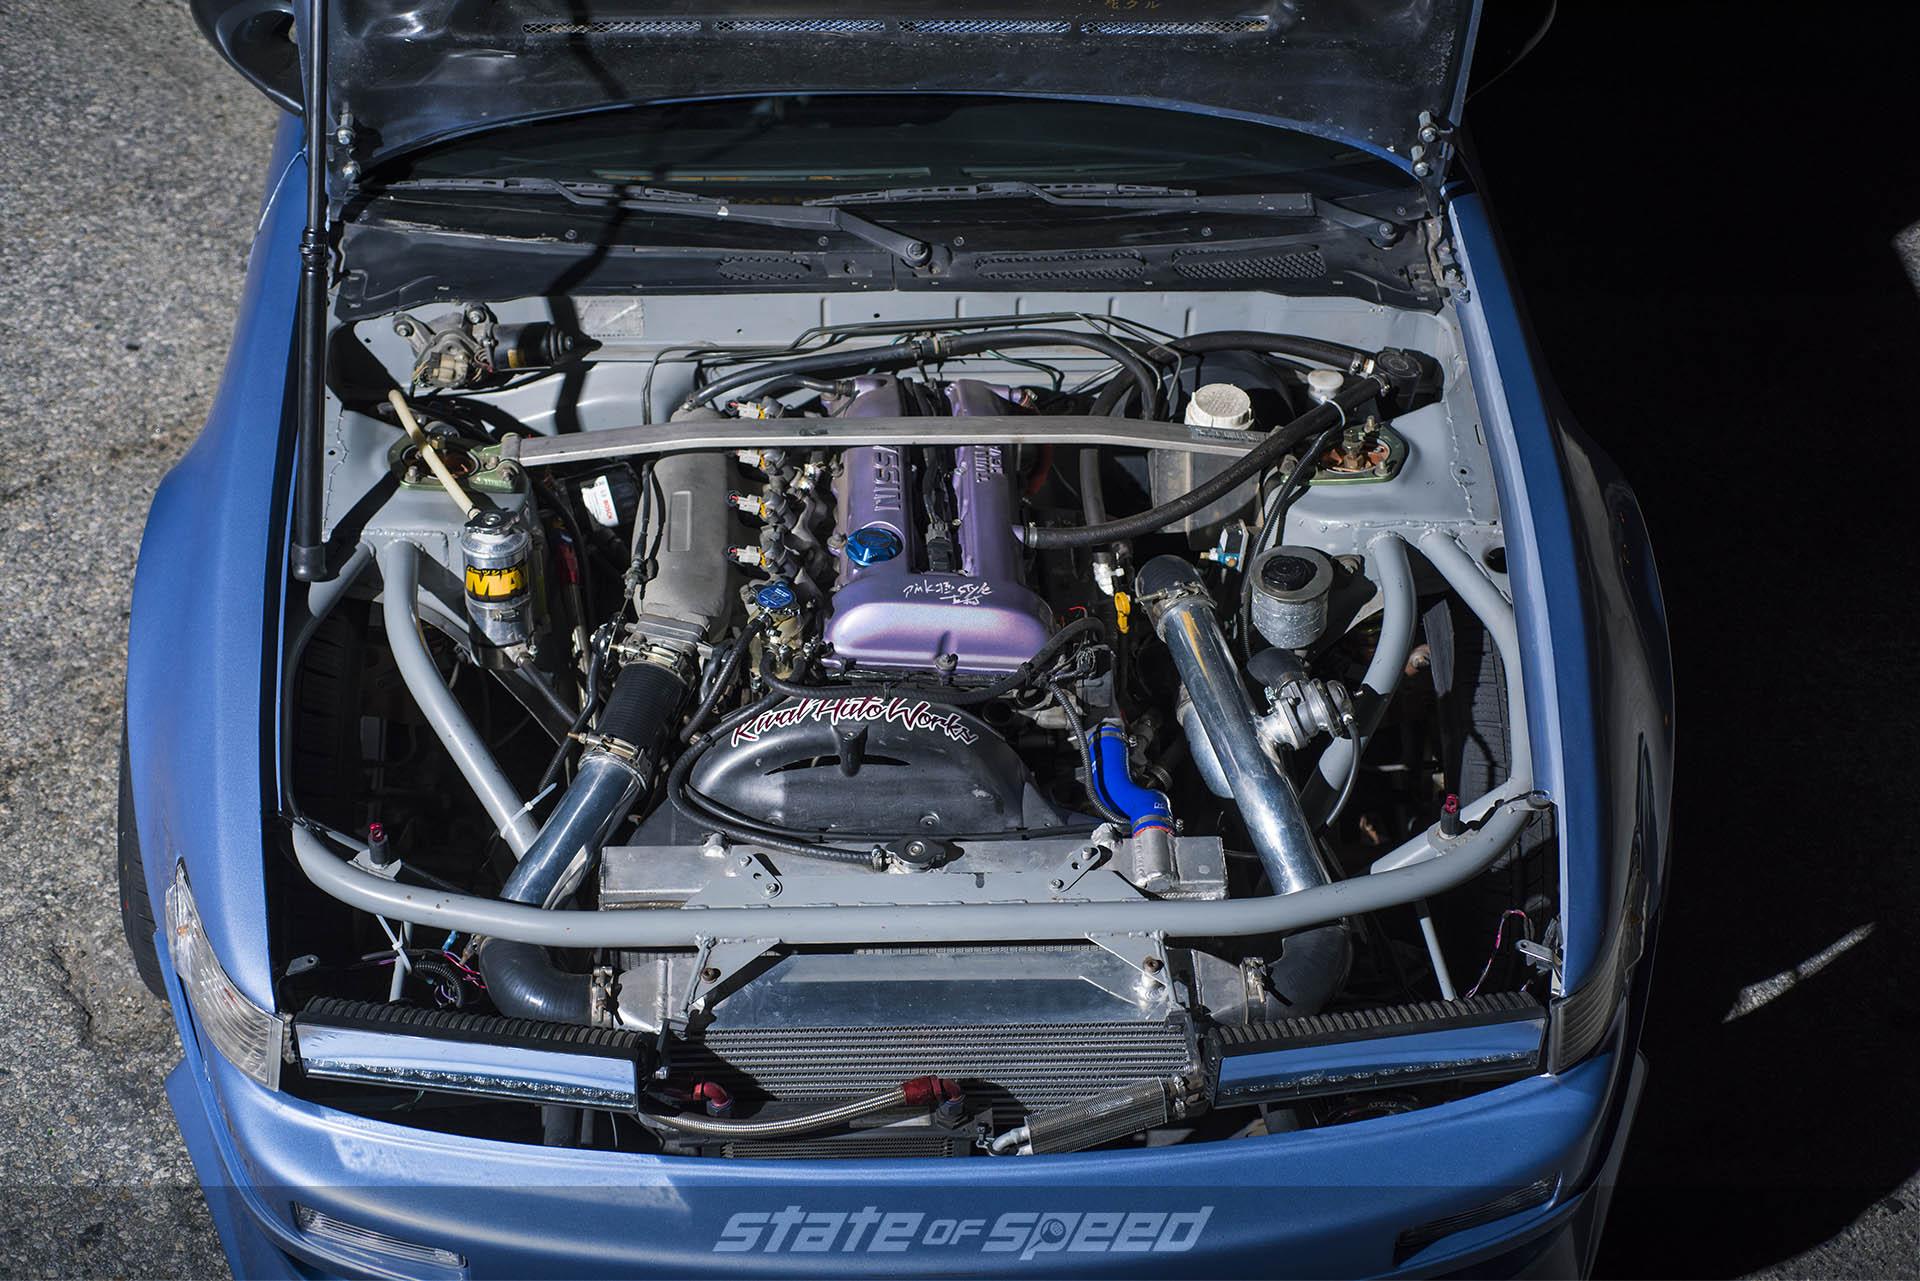 SR20 DET engine in a 240sx